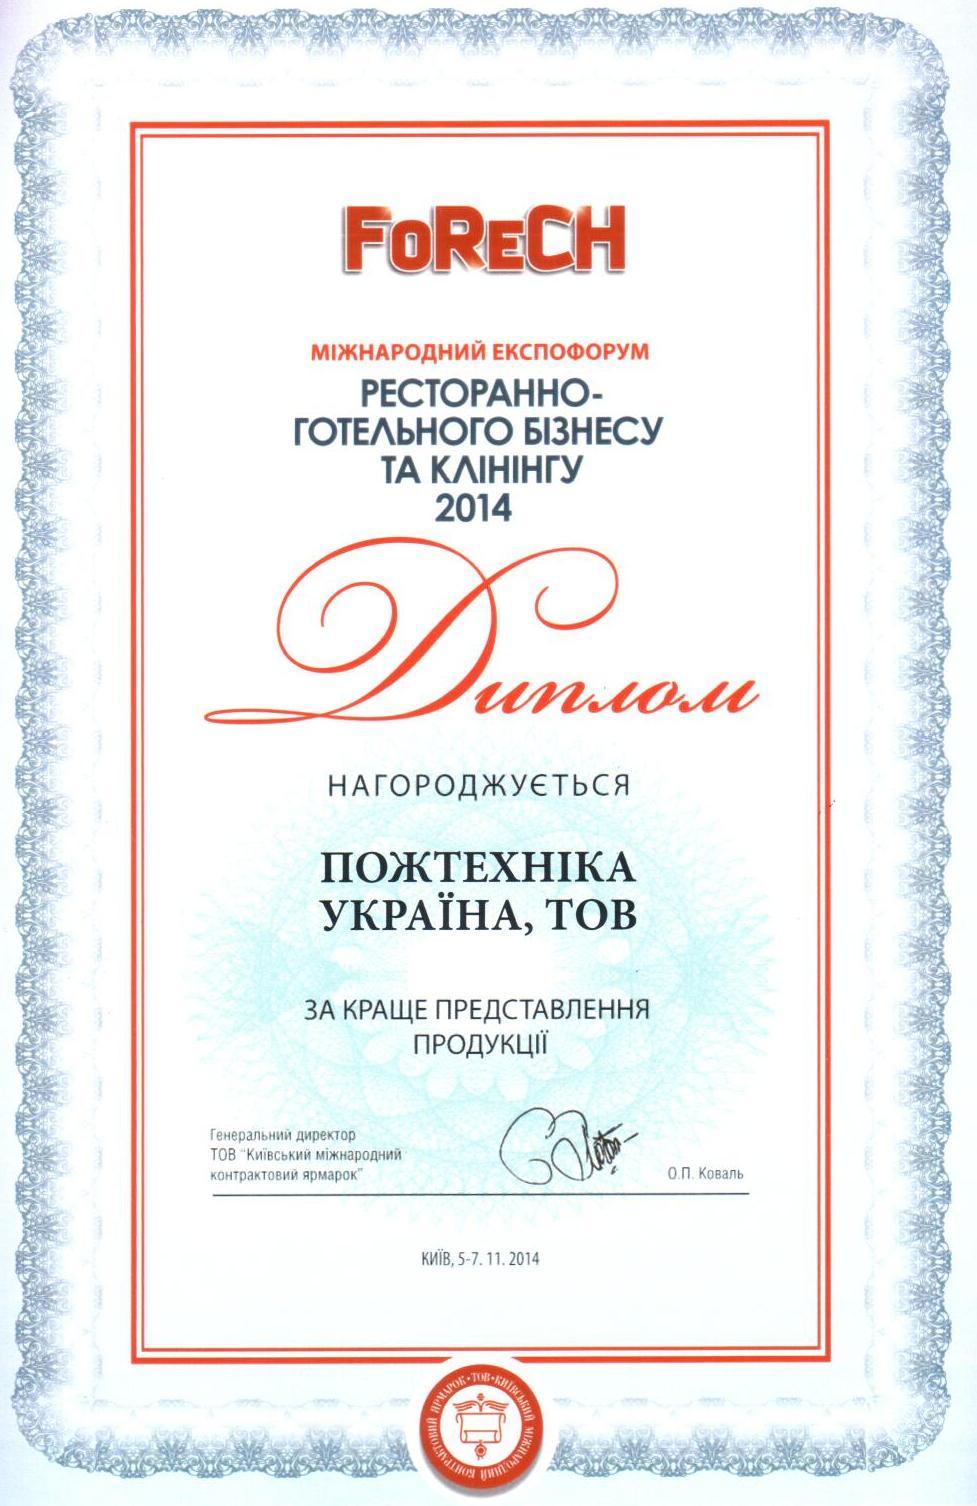 Диплом за лучшее представление продукции для кухонного пожаротушения forech Диплом за лучшее представление продукции для кухонного пожаротушения